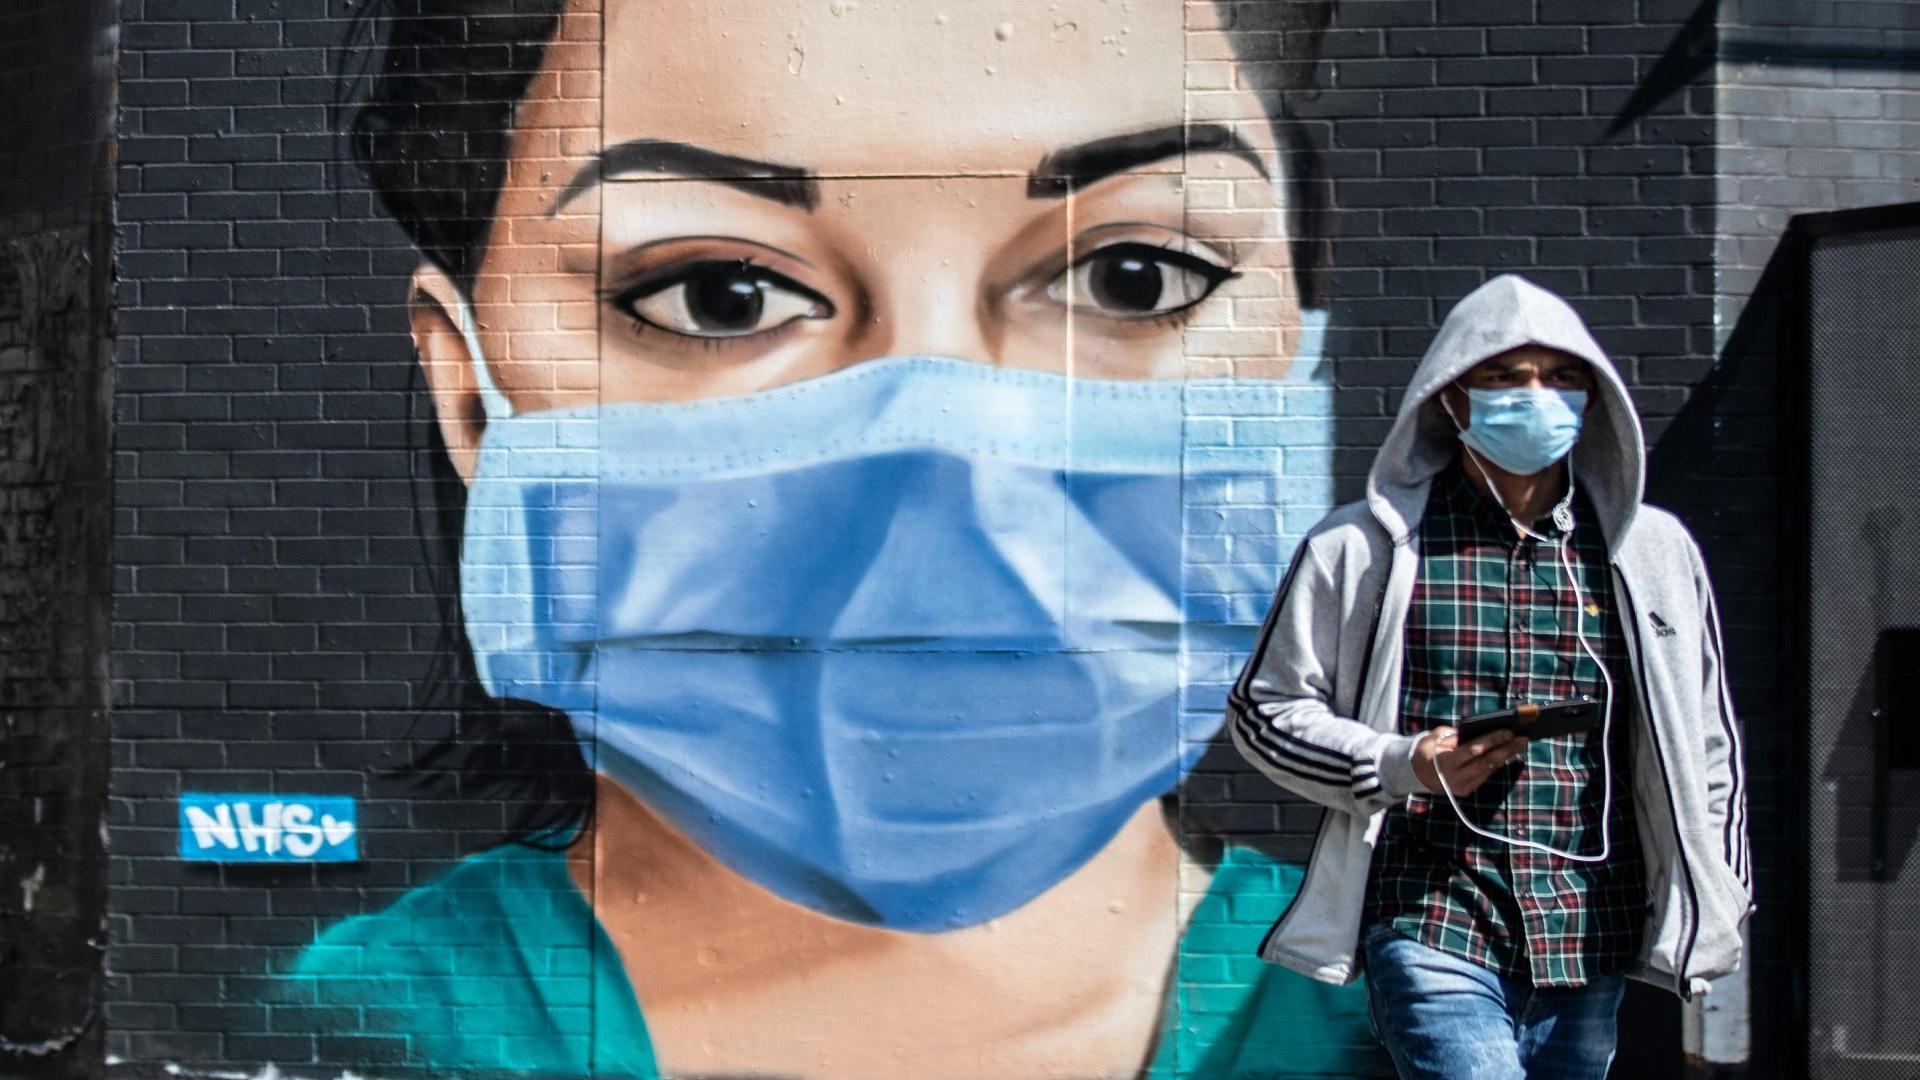 'Καμπανάκι΄ εμπειρογνωμόνων στη Βρετανία για επανεξέταση των ιών